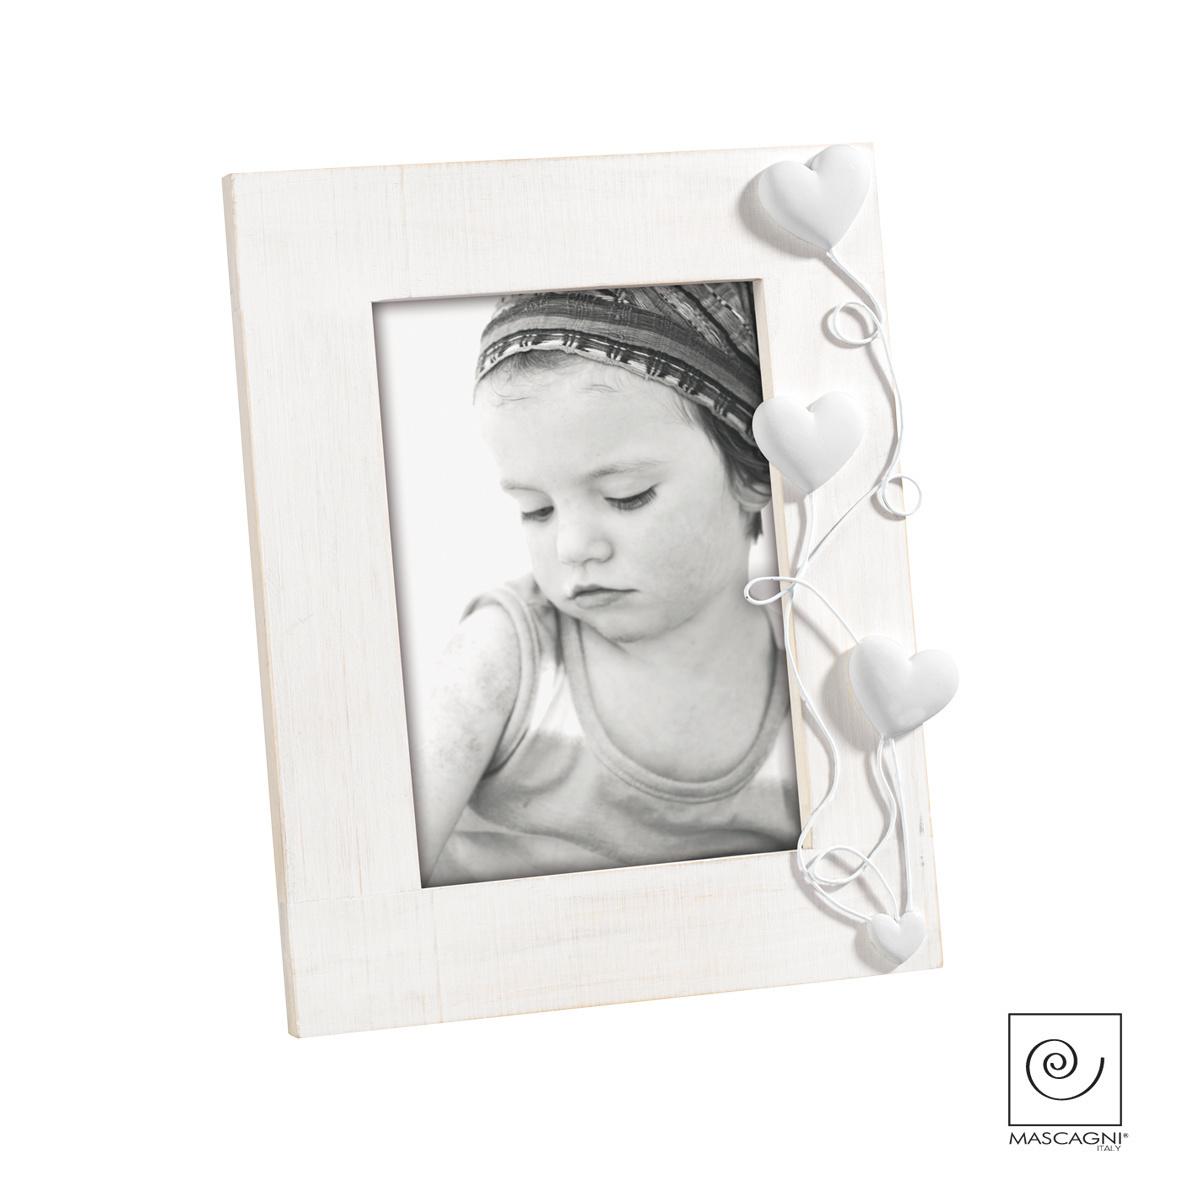 Art Mascagni A647 PHOTO FRAME 13X18 - COL.WHITE